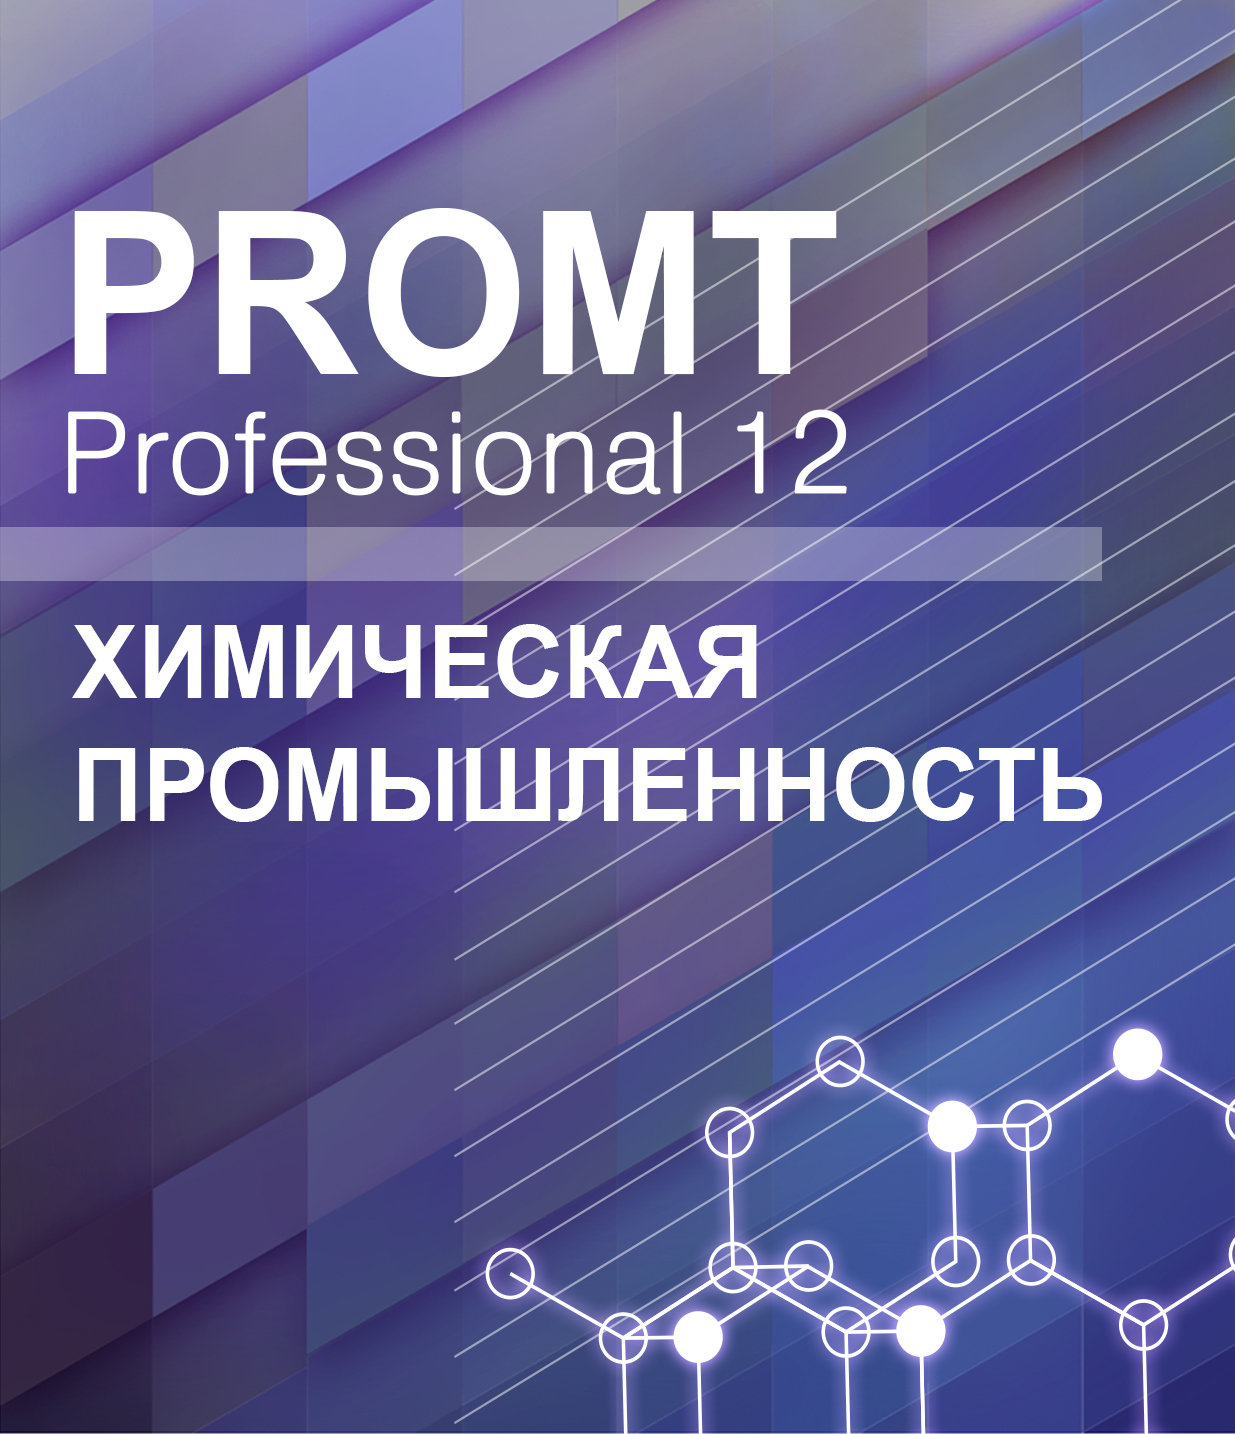 PROMT Professional Химическая промышленность